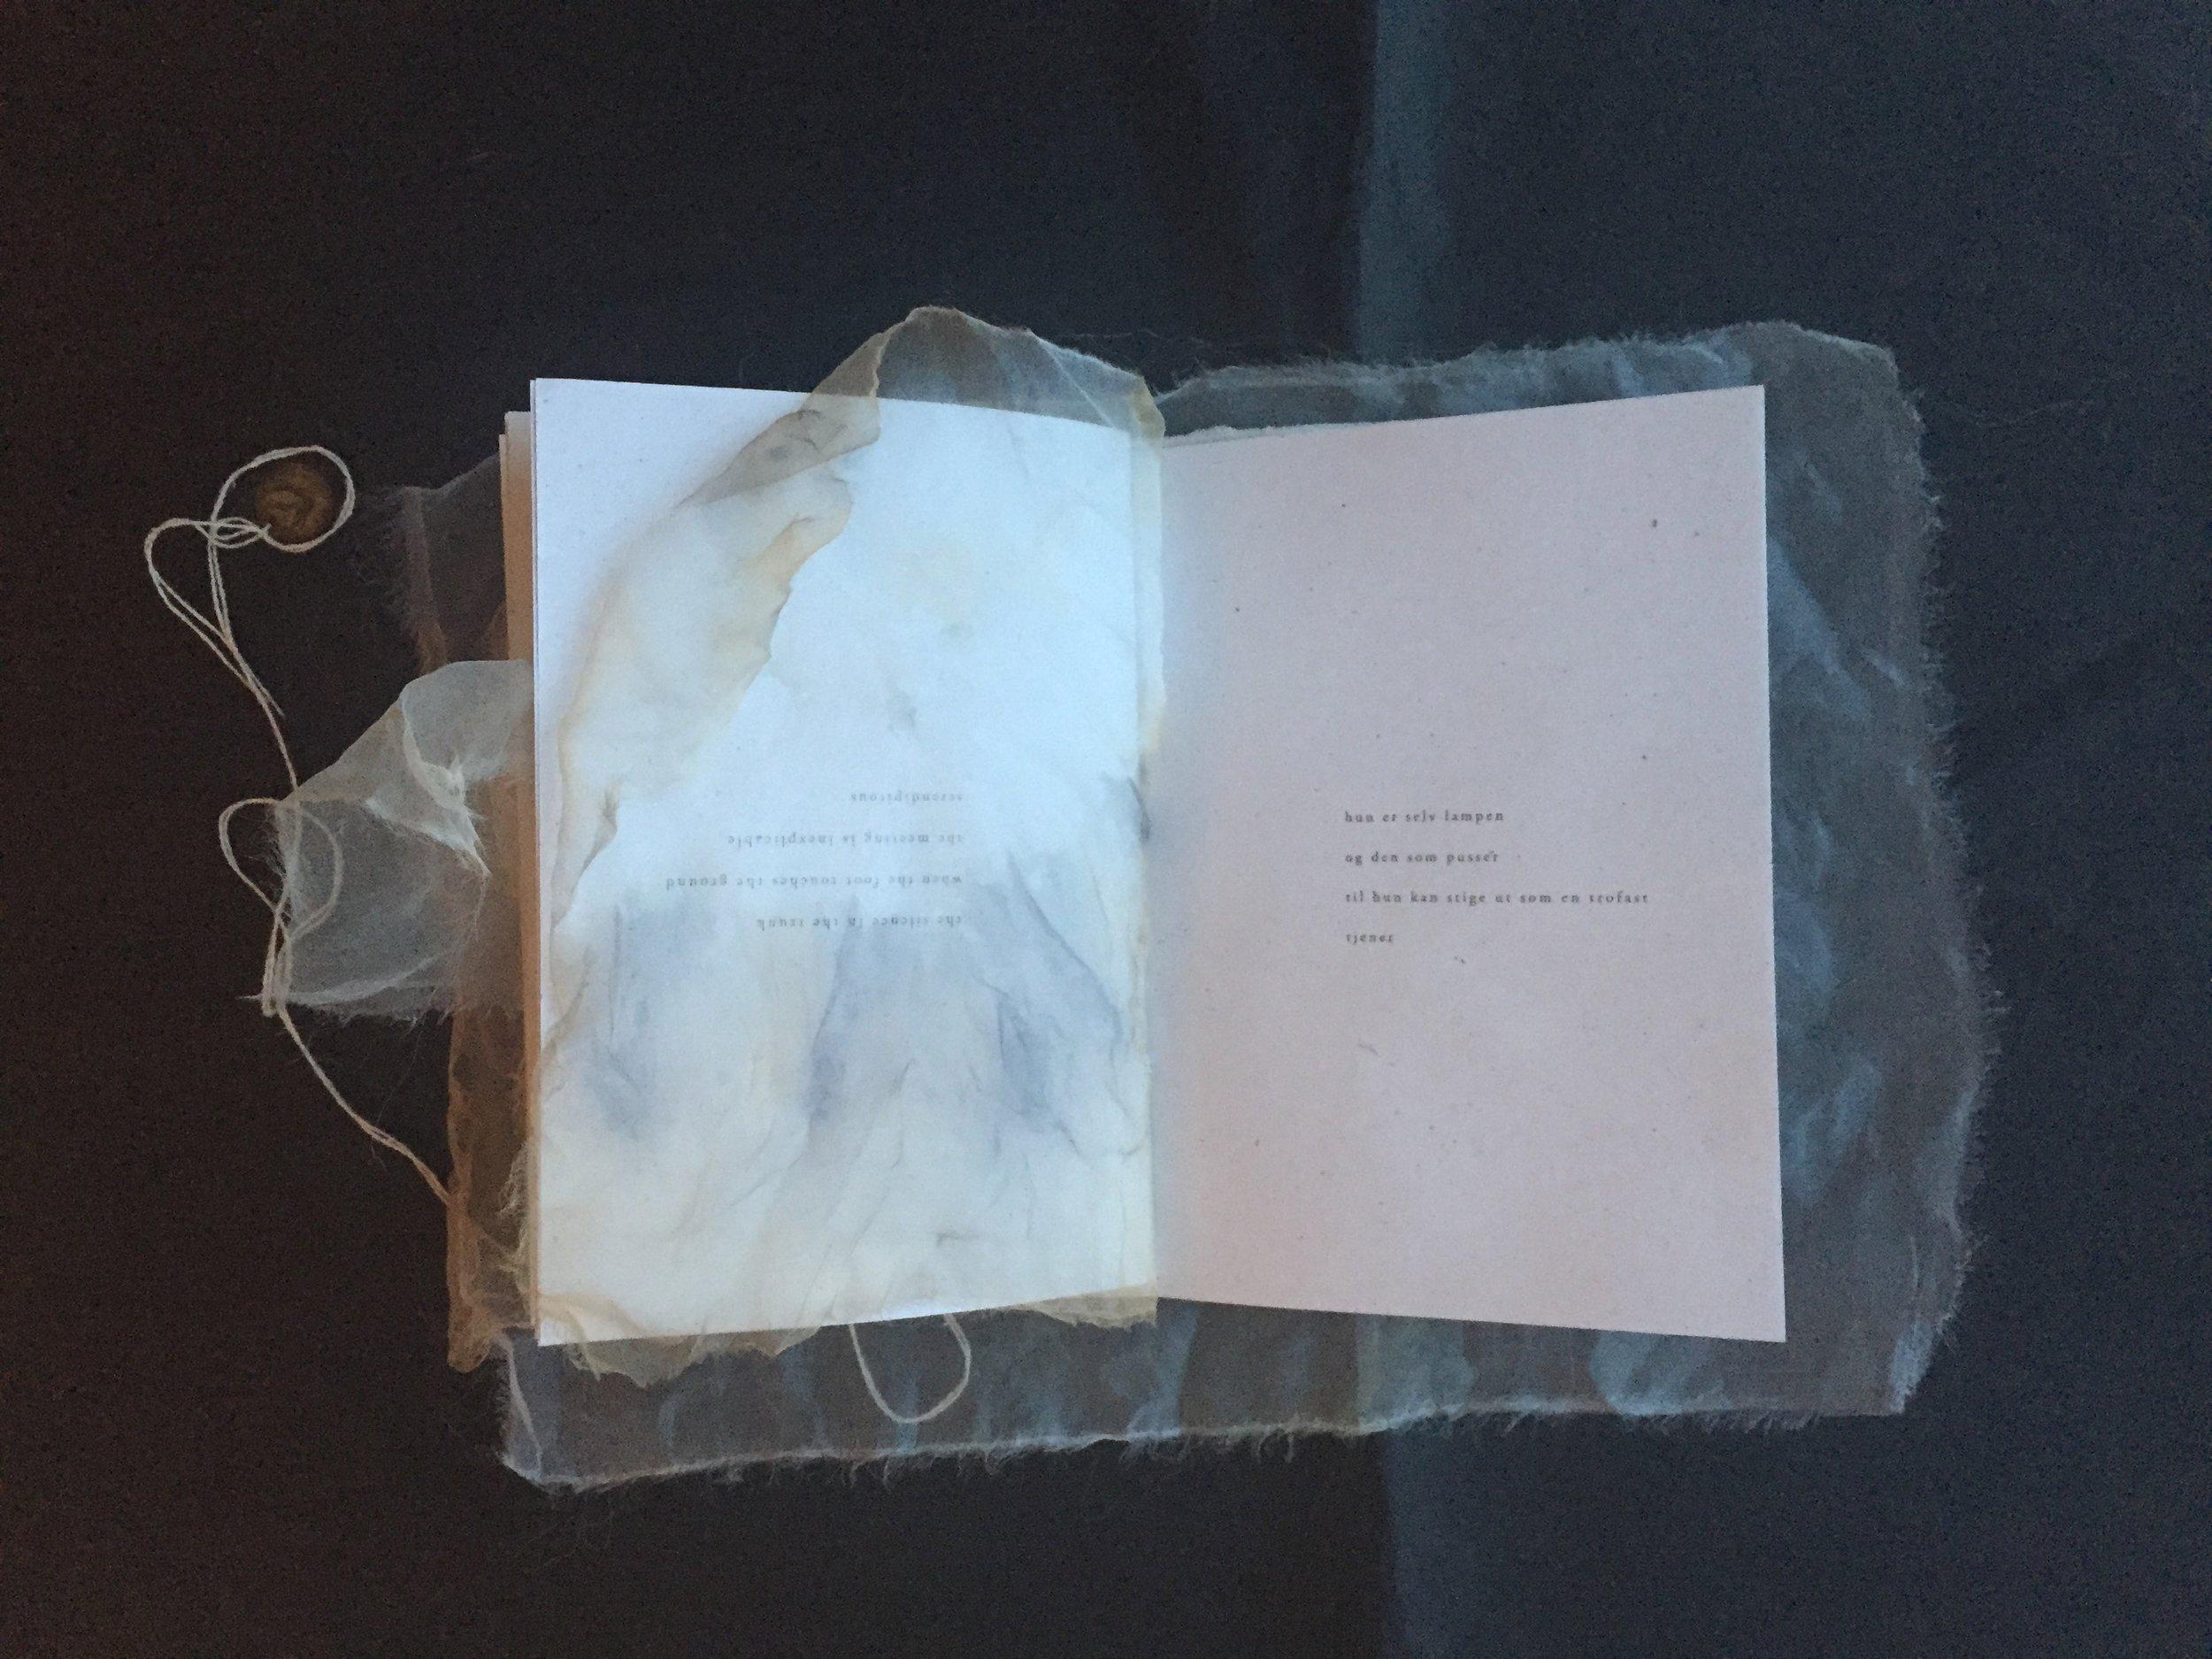 """""""Poesi for øret, øyne og forsiktige fingertupper. Den er håndlagd i kun 100 nummererte eksemplarer, et kunstverk med andre ord som er verd å eie. Et så vakkert og spesielt prosjekt fortjener oppmerksomhet.""""  — Marit Reiersgård Bredesen, forfatter"""